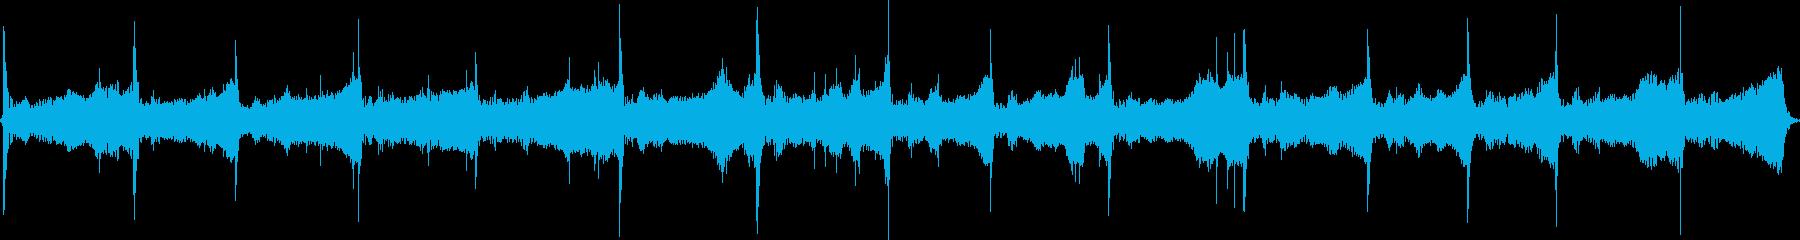 ジェイコブのはしご2;大規模、低周...の再生済みの波形